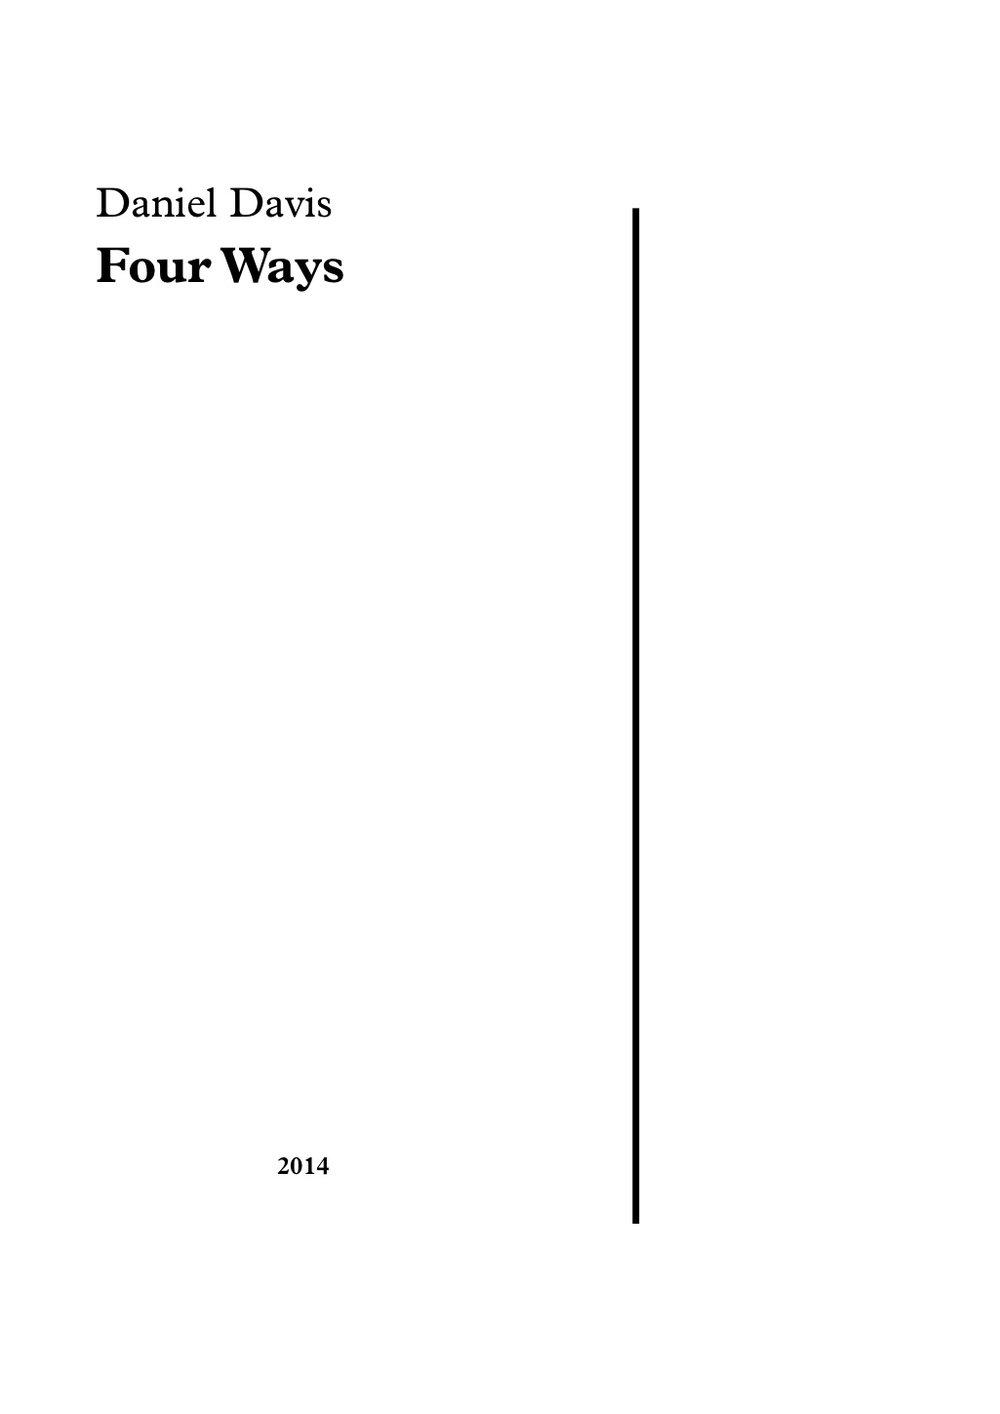 Four Ways (2014)